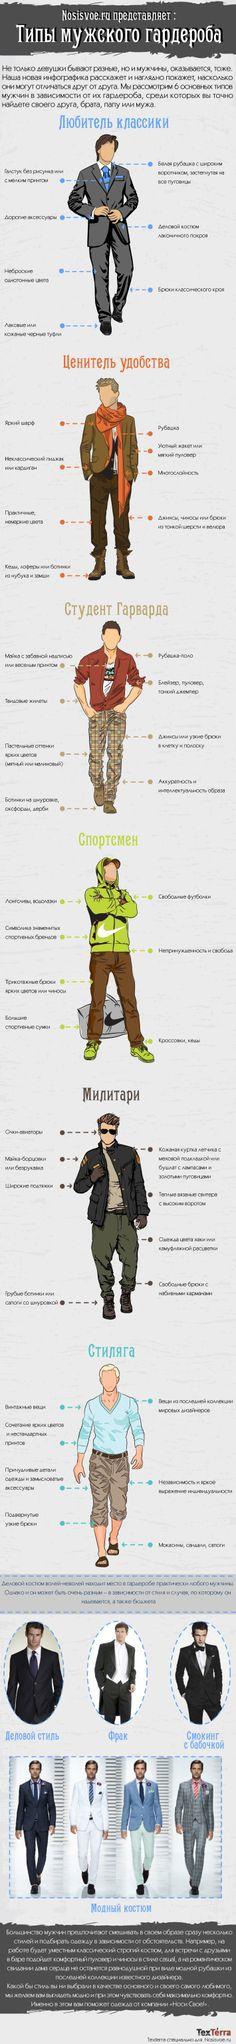 Отличная инфографика о мужских пристрастиях в одежде!, http://www.nosisvoe.ru/blog/Novaya-infografika-Tipy-muzhskogo-garderoba